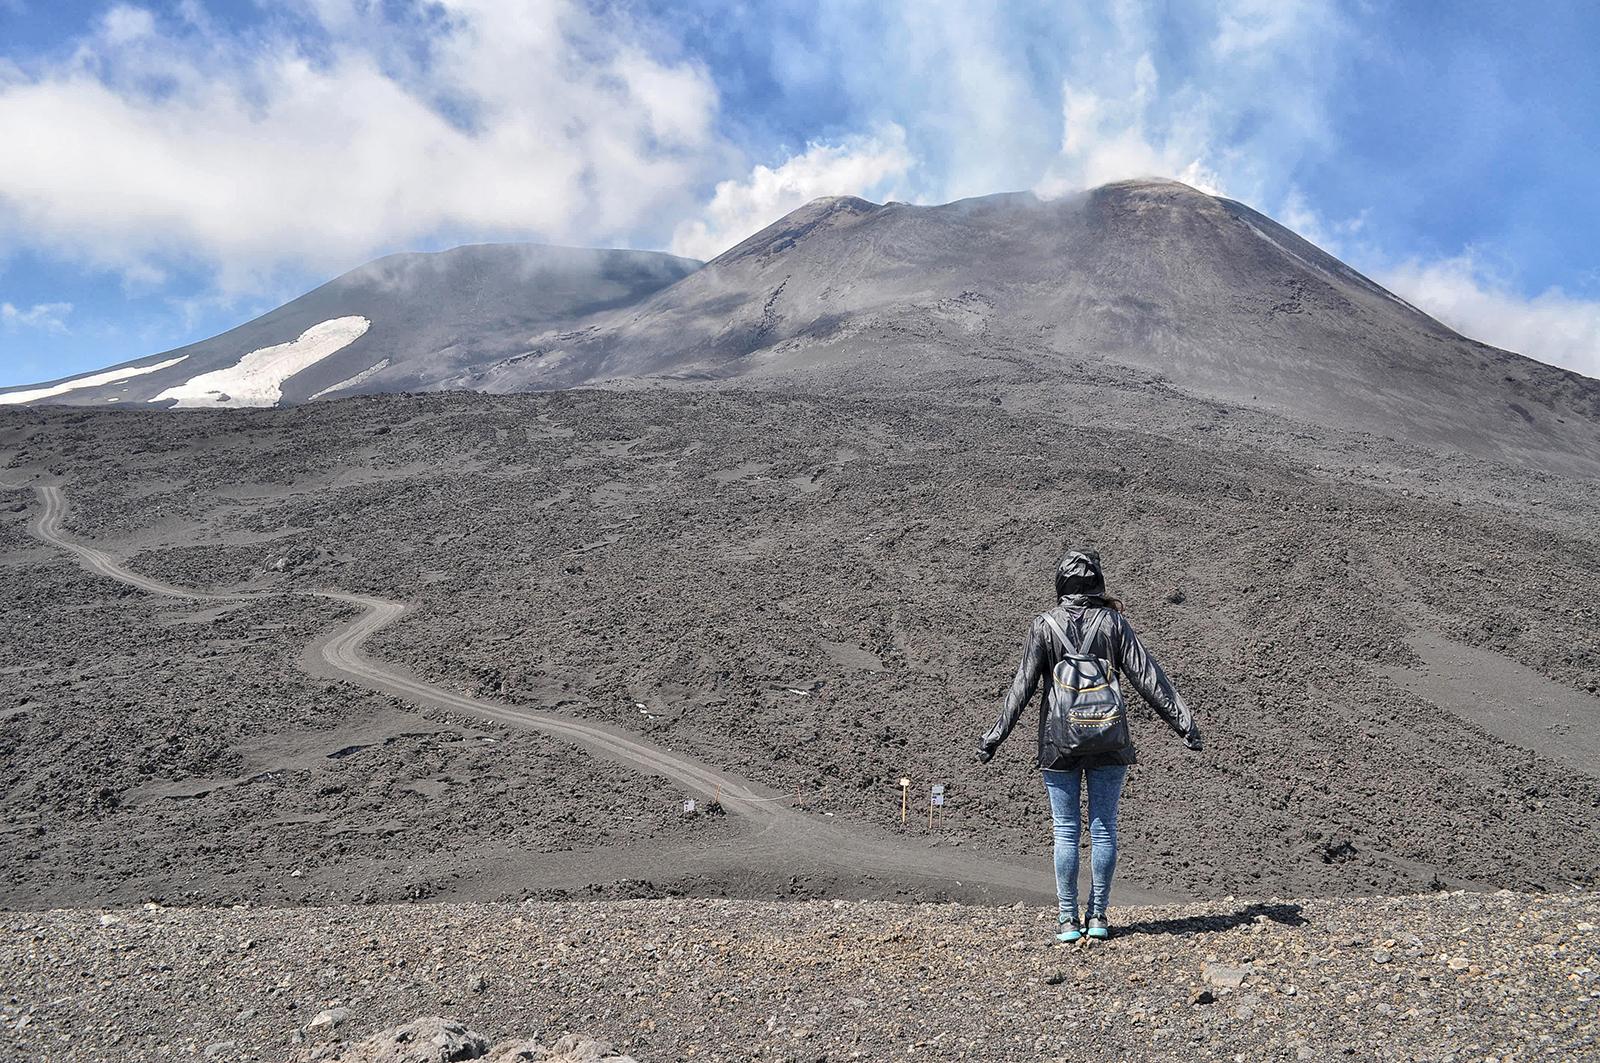 Sycylia Etna dojazd